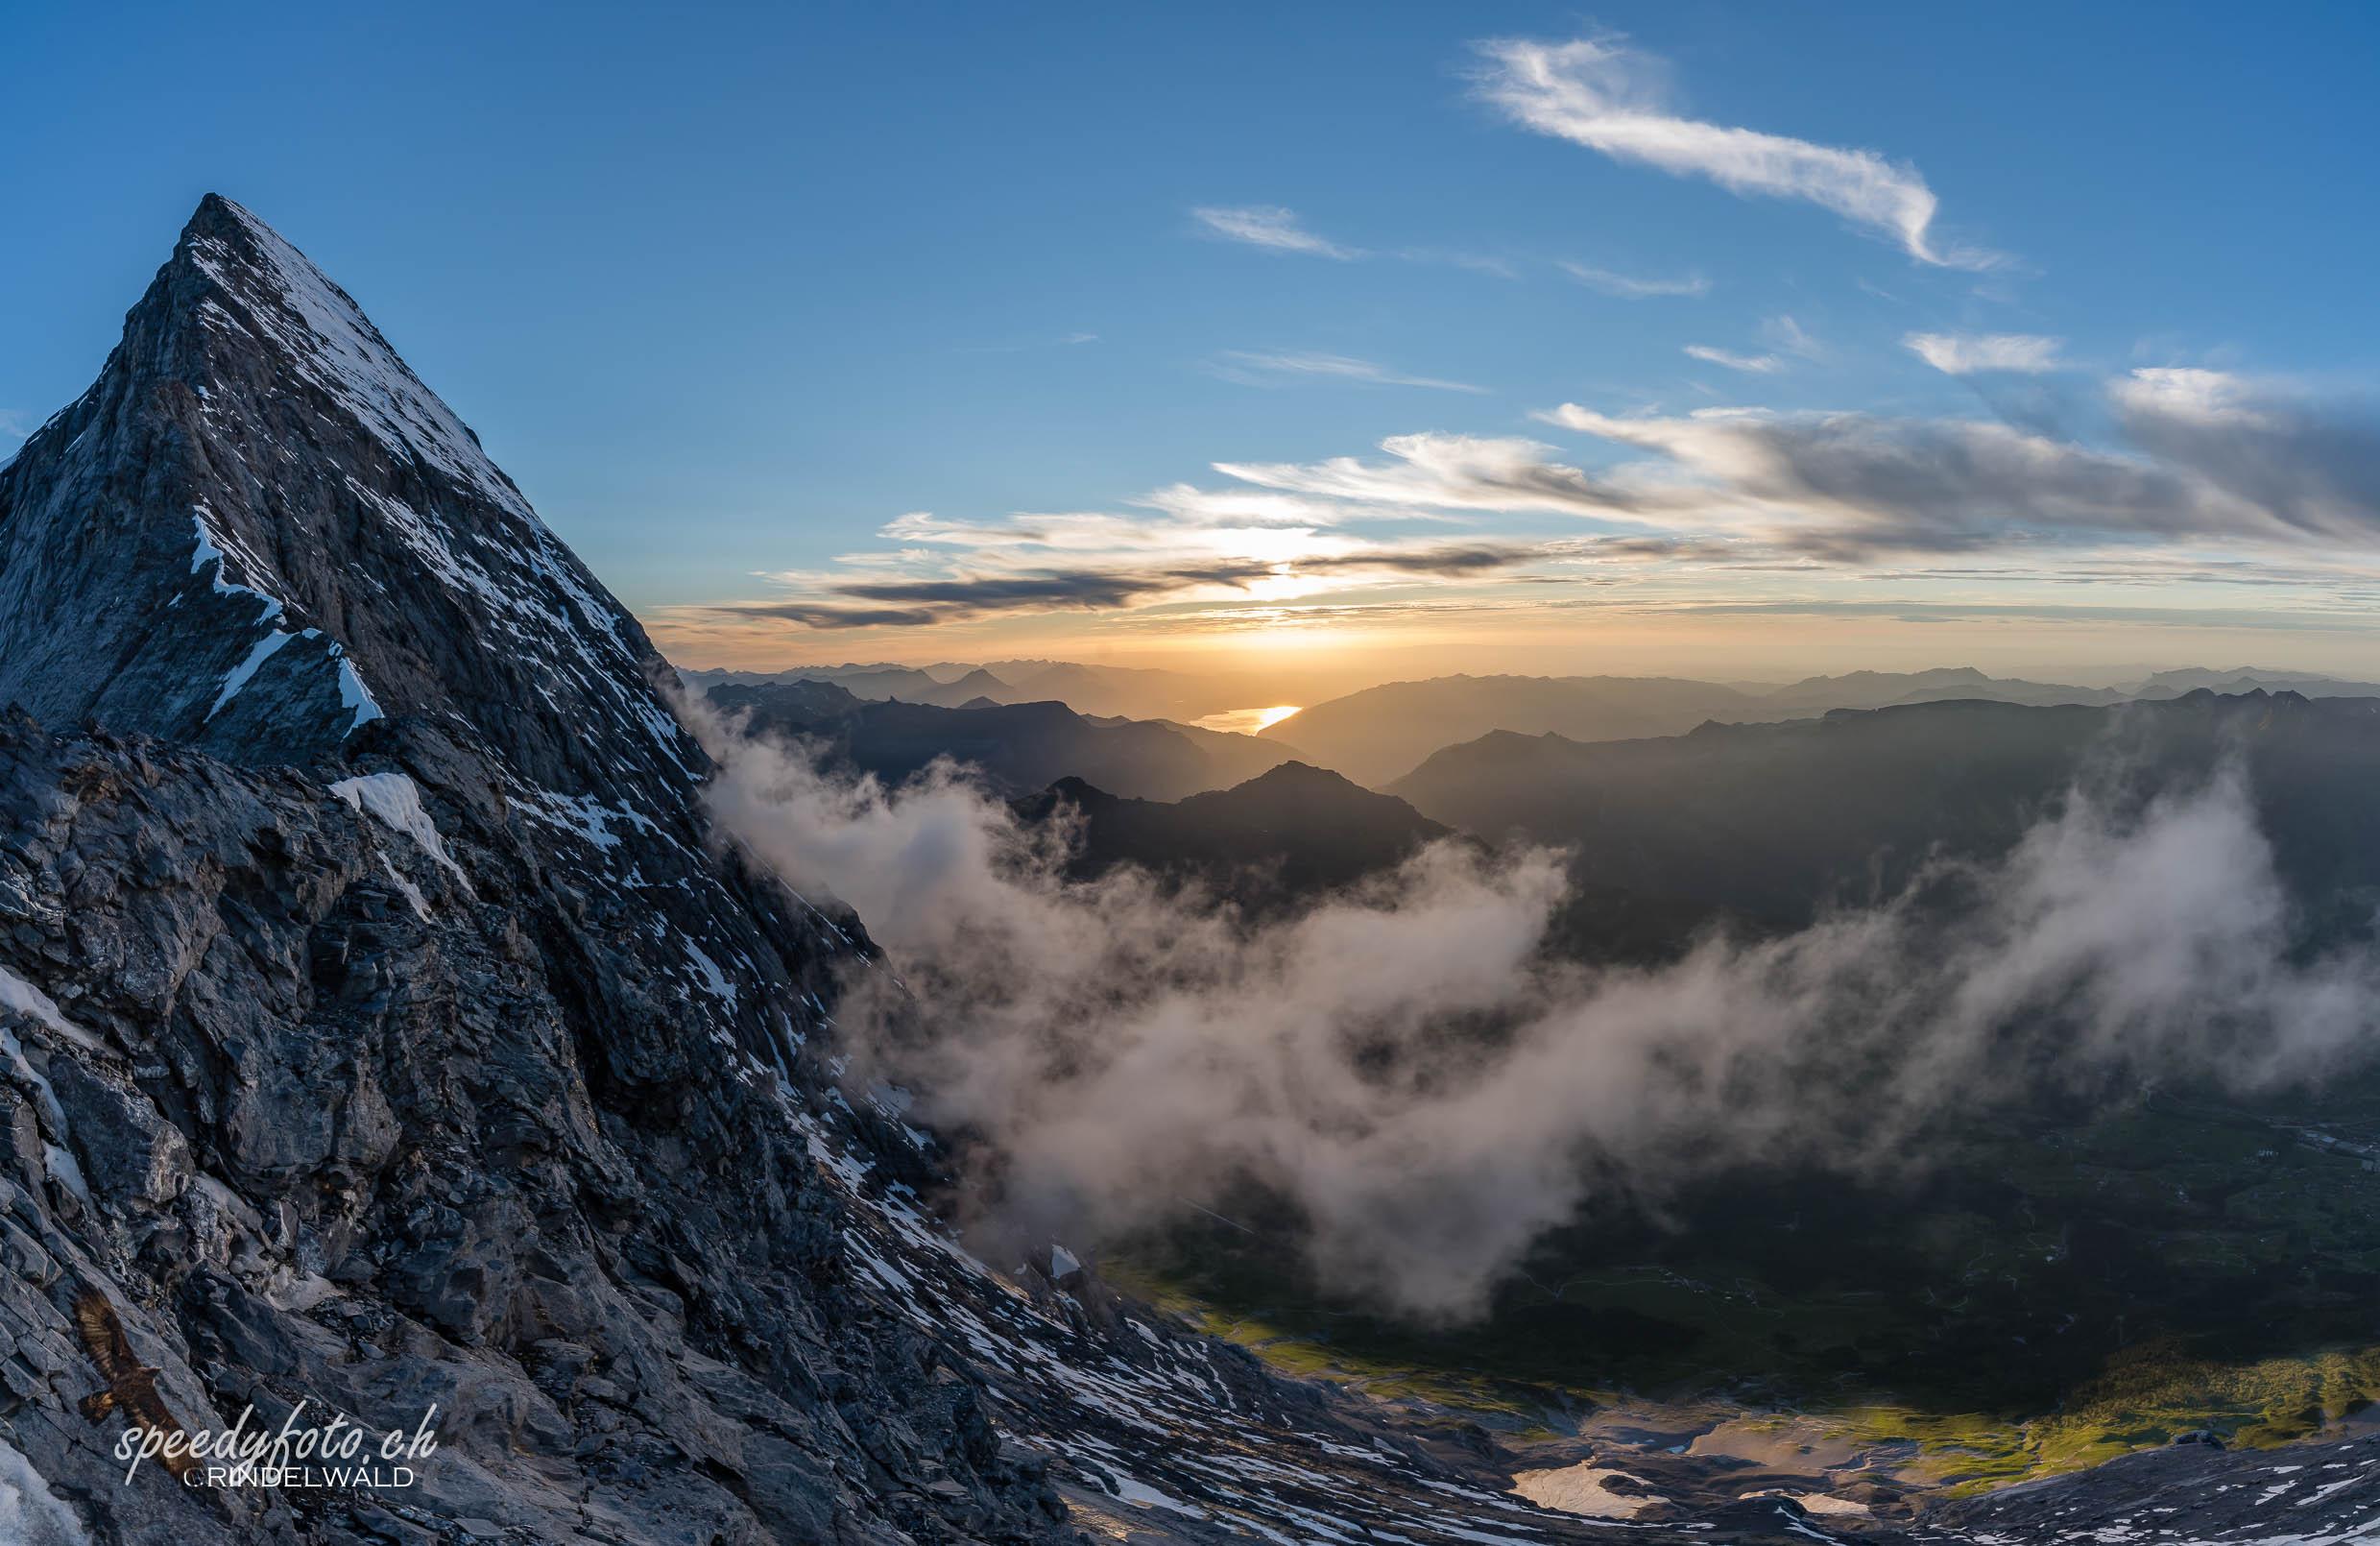 Abends am windigen Grat - Mittellegi 3355 m